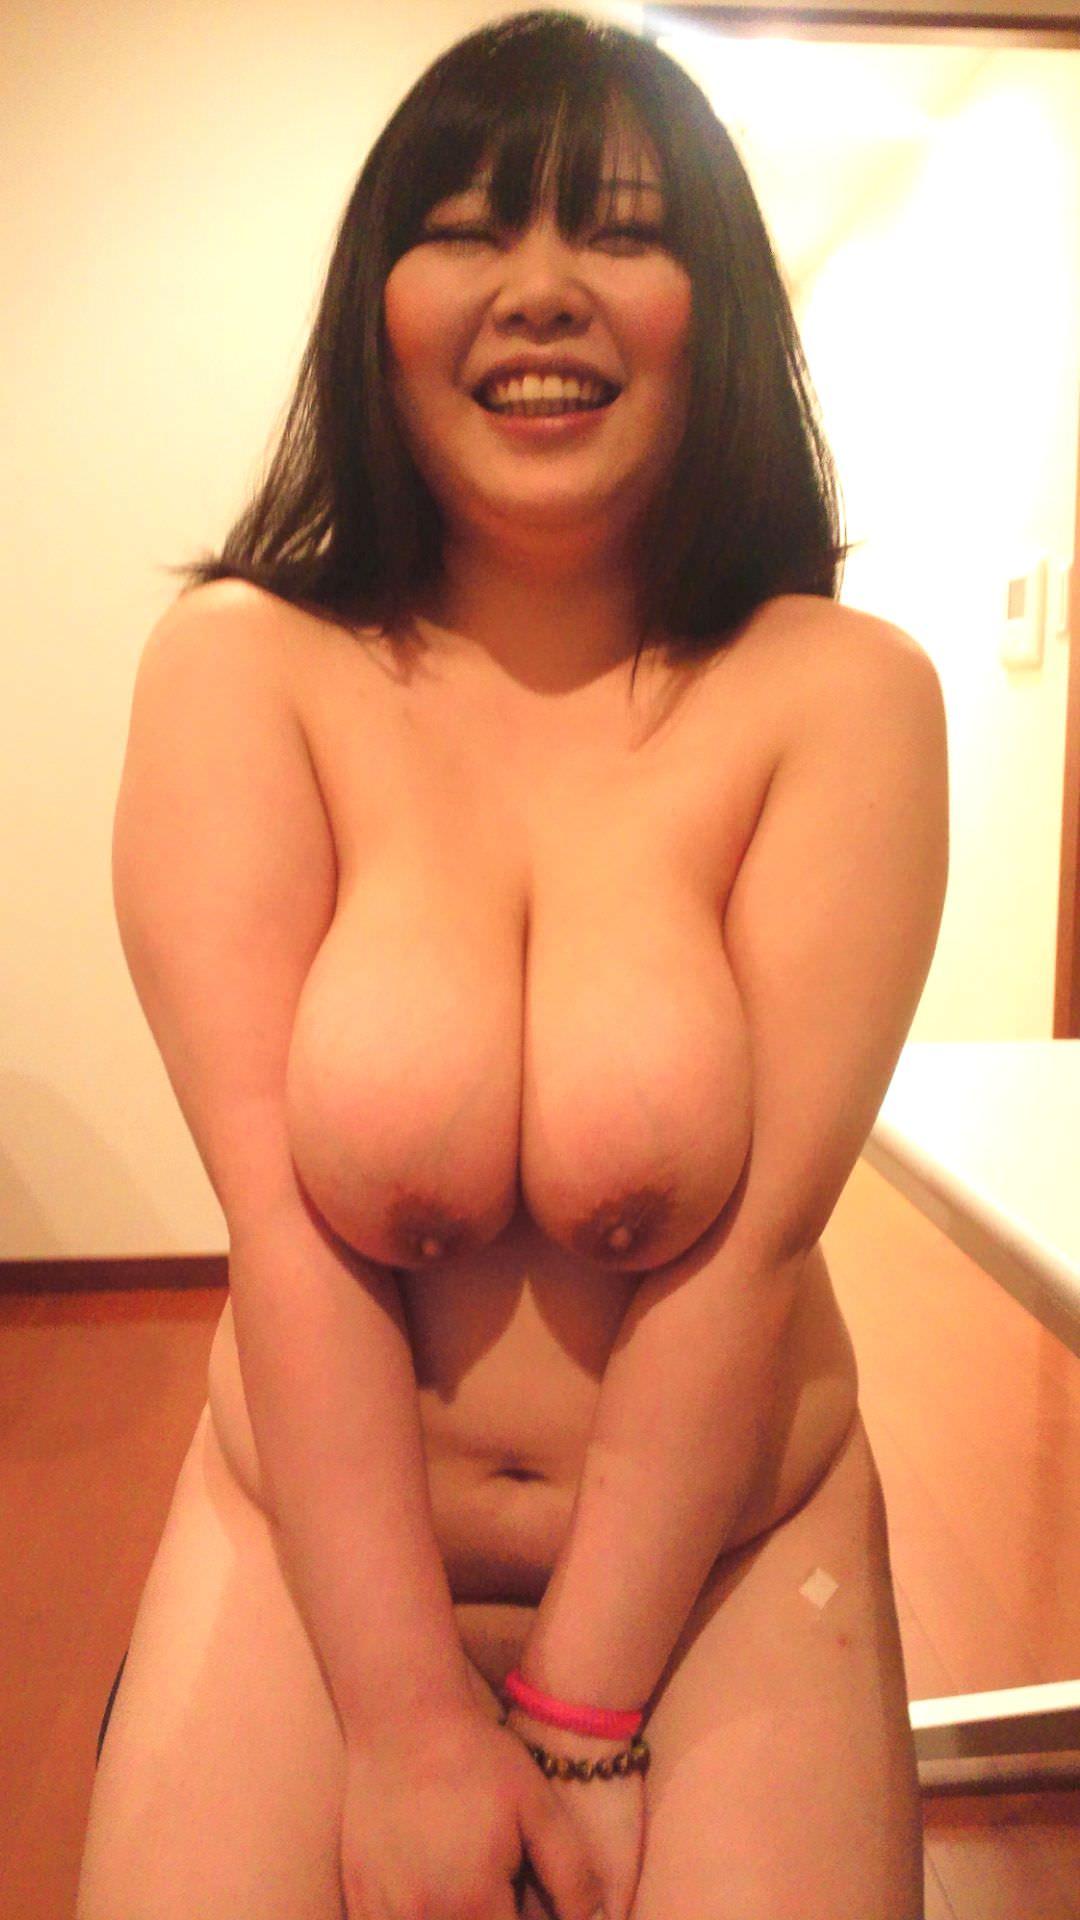 ぽっちゃり系??いや、デブ女どもの全裸を集めた素人ヌード集www 0216